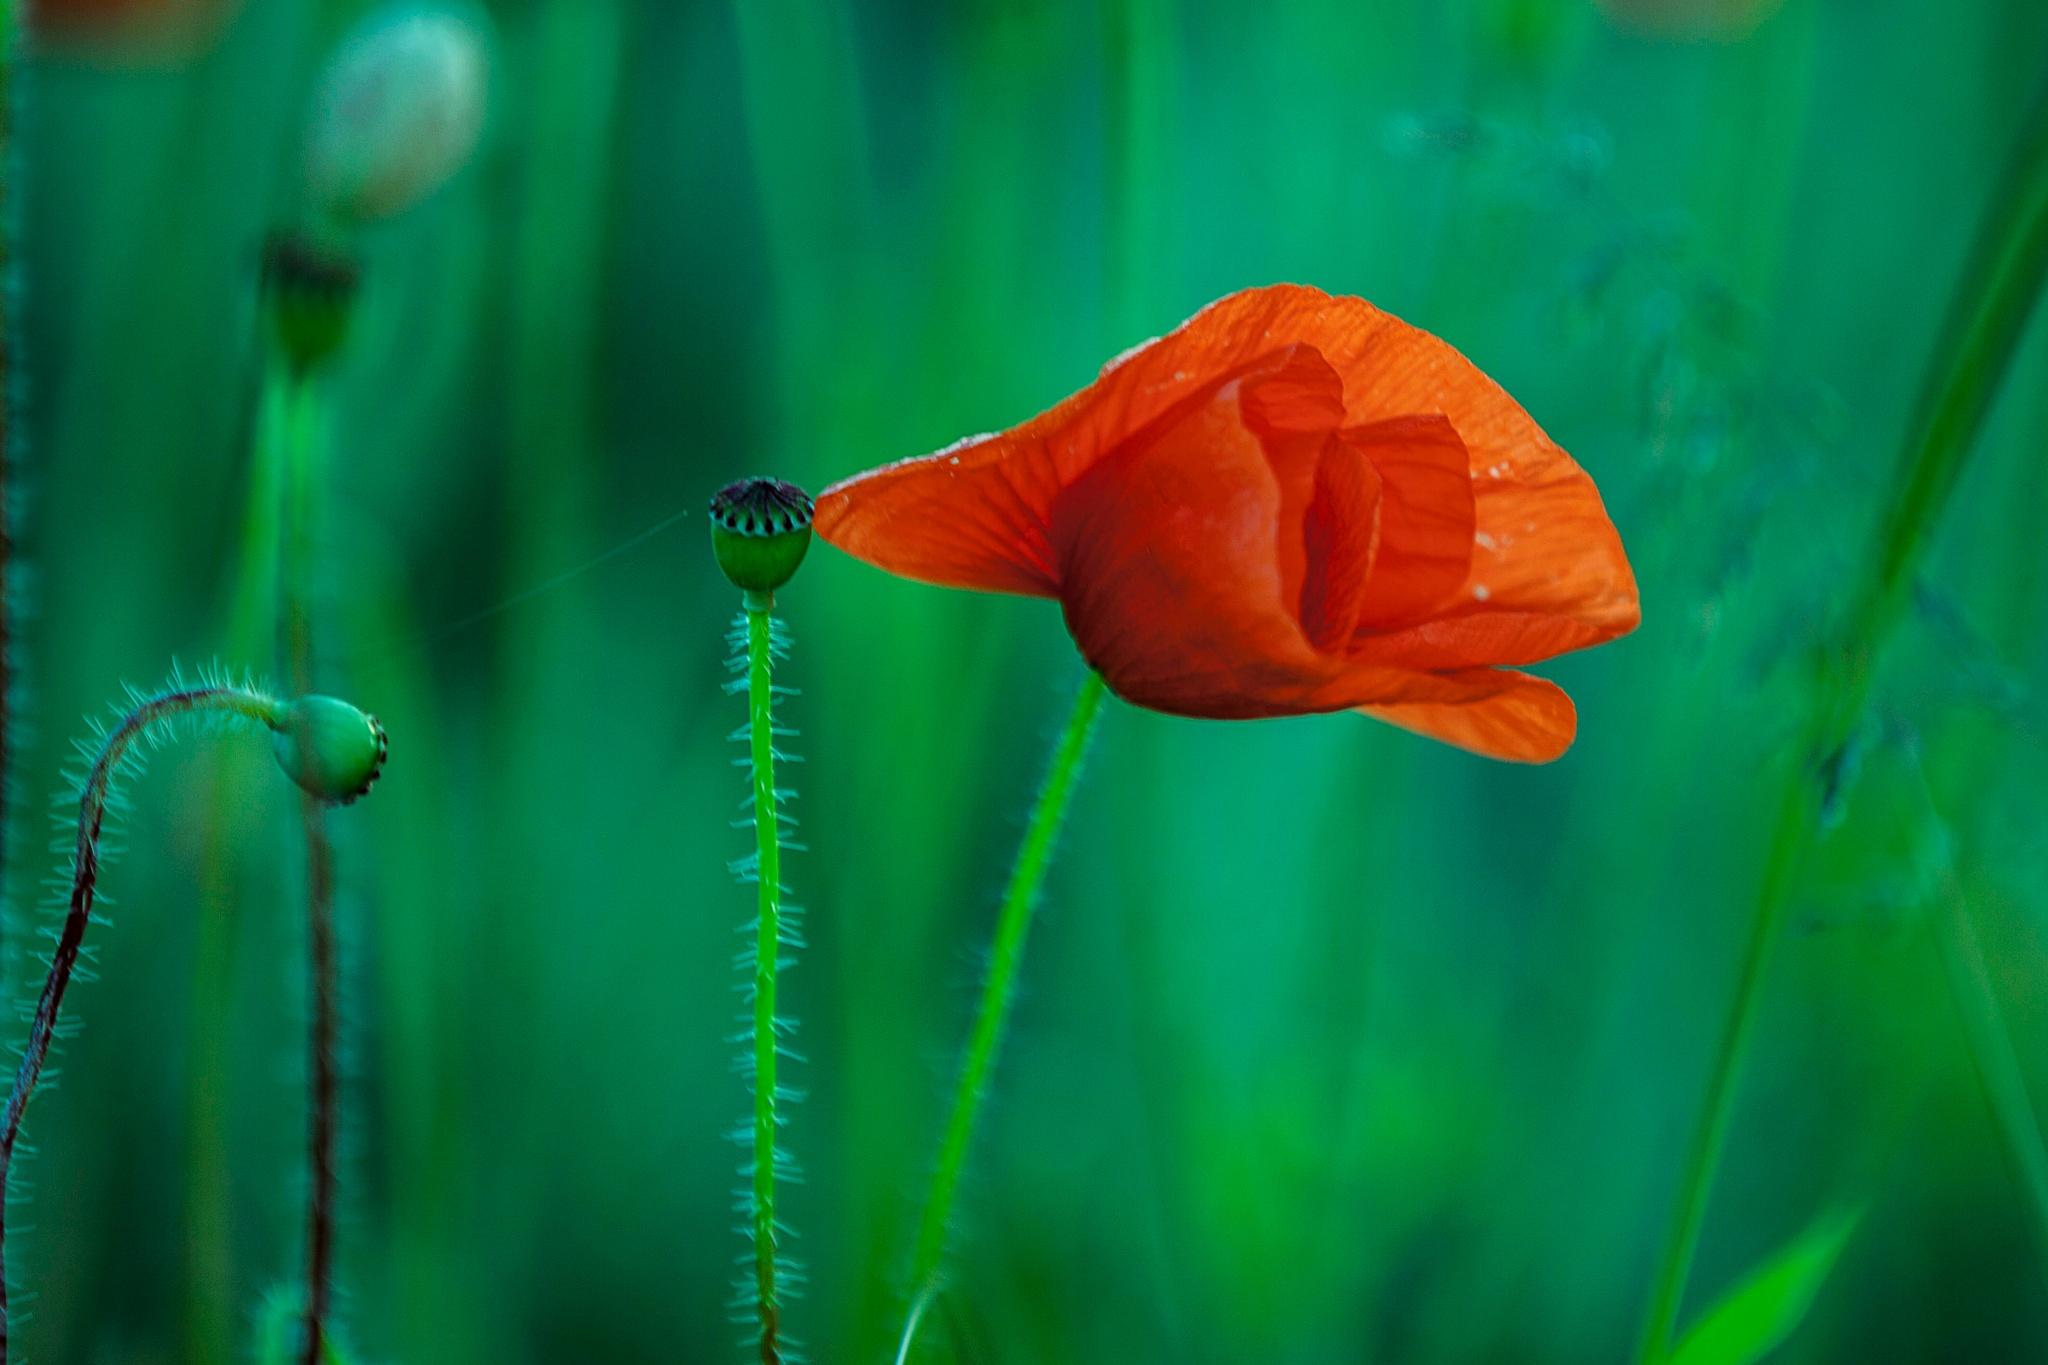 Little Poppy by Stern100